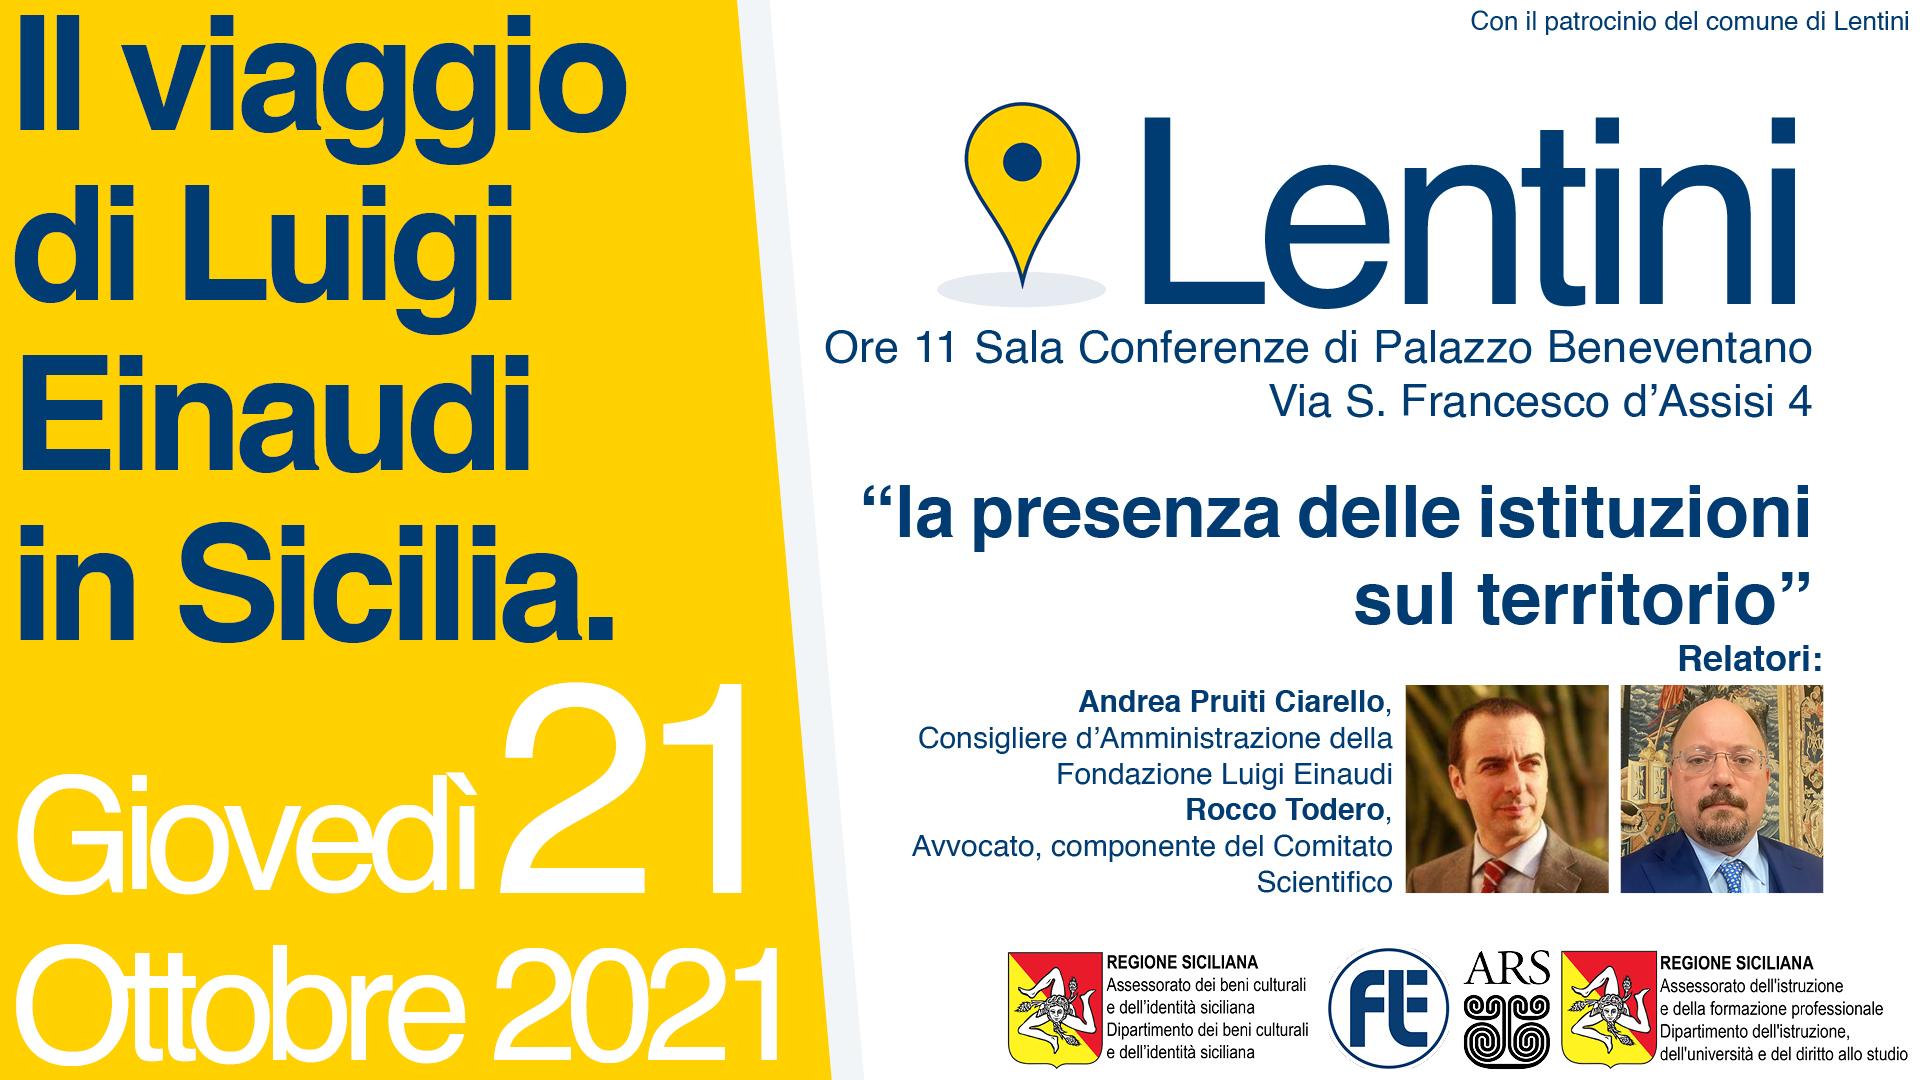 Il Viaggio di Luigi Einaudi in Sicilia: Lentini – La presenza delle istituzioni sul territorio